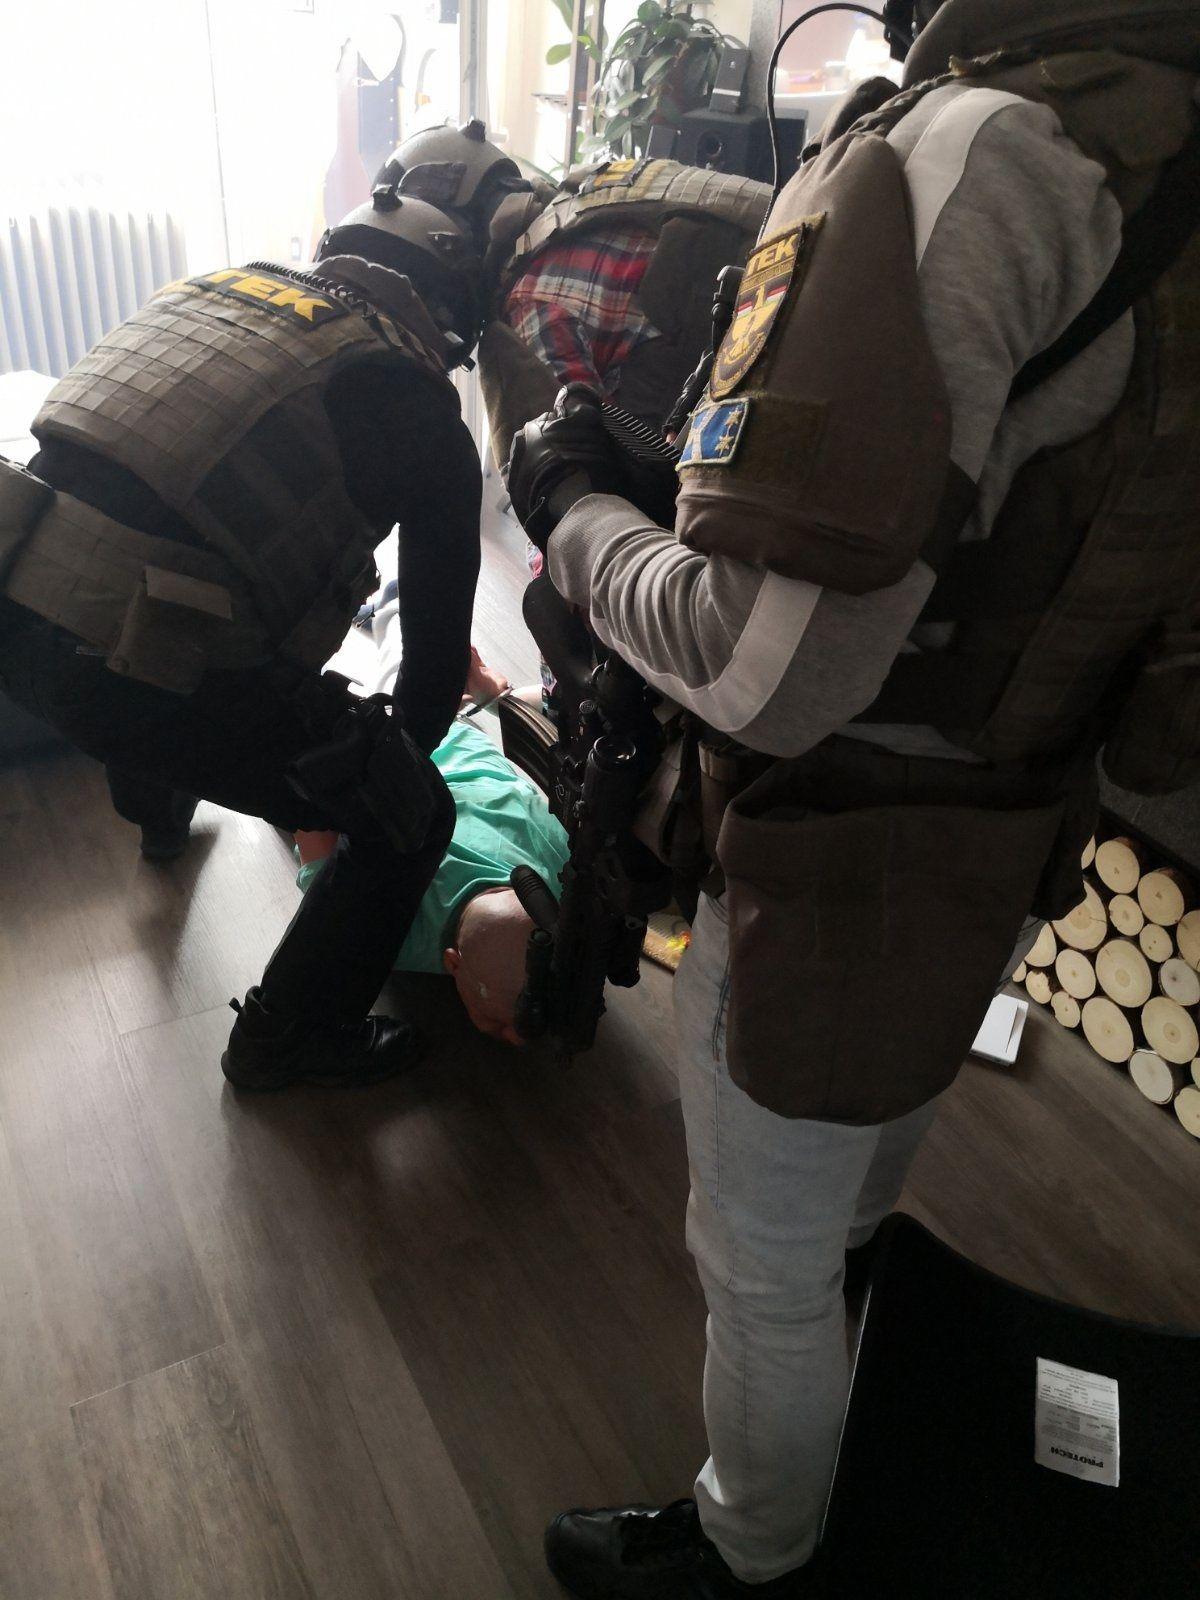 Szlovák és magyar drogdílert fogtak el a rendőrök – videó